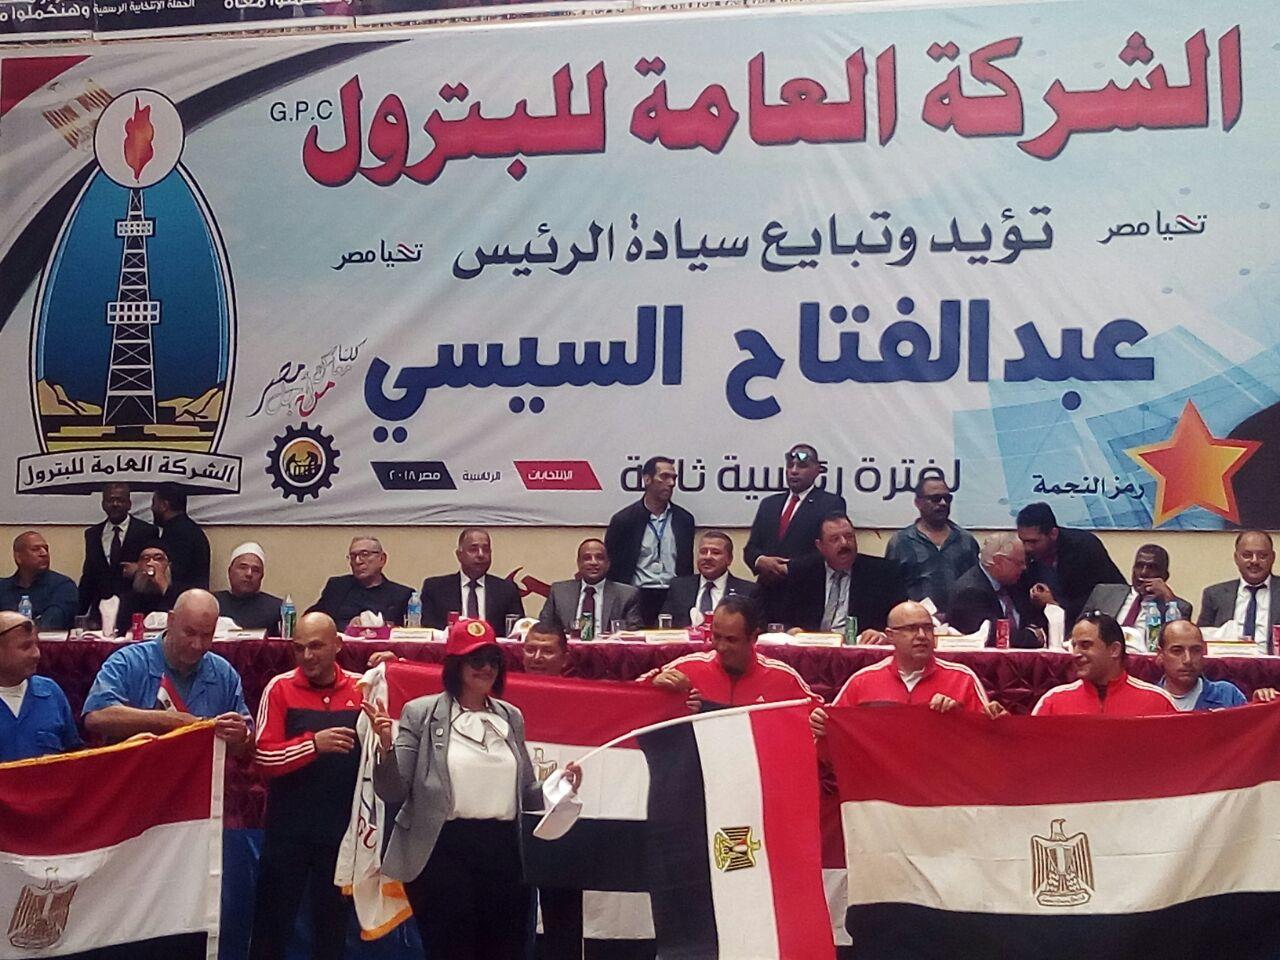 مؤتمر حاشد للقيادات العمالية والشعبية برأس غارب لدعم الرئيس السيسى  (2)